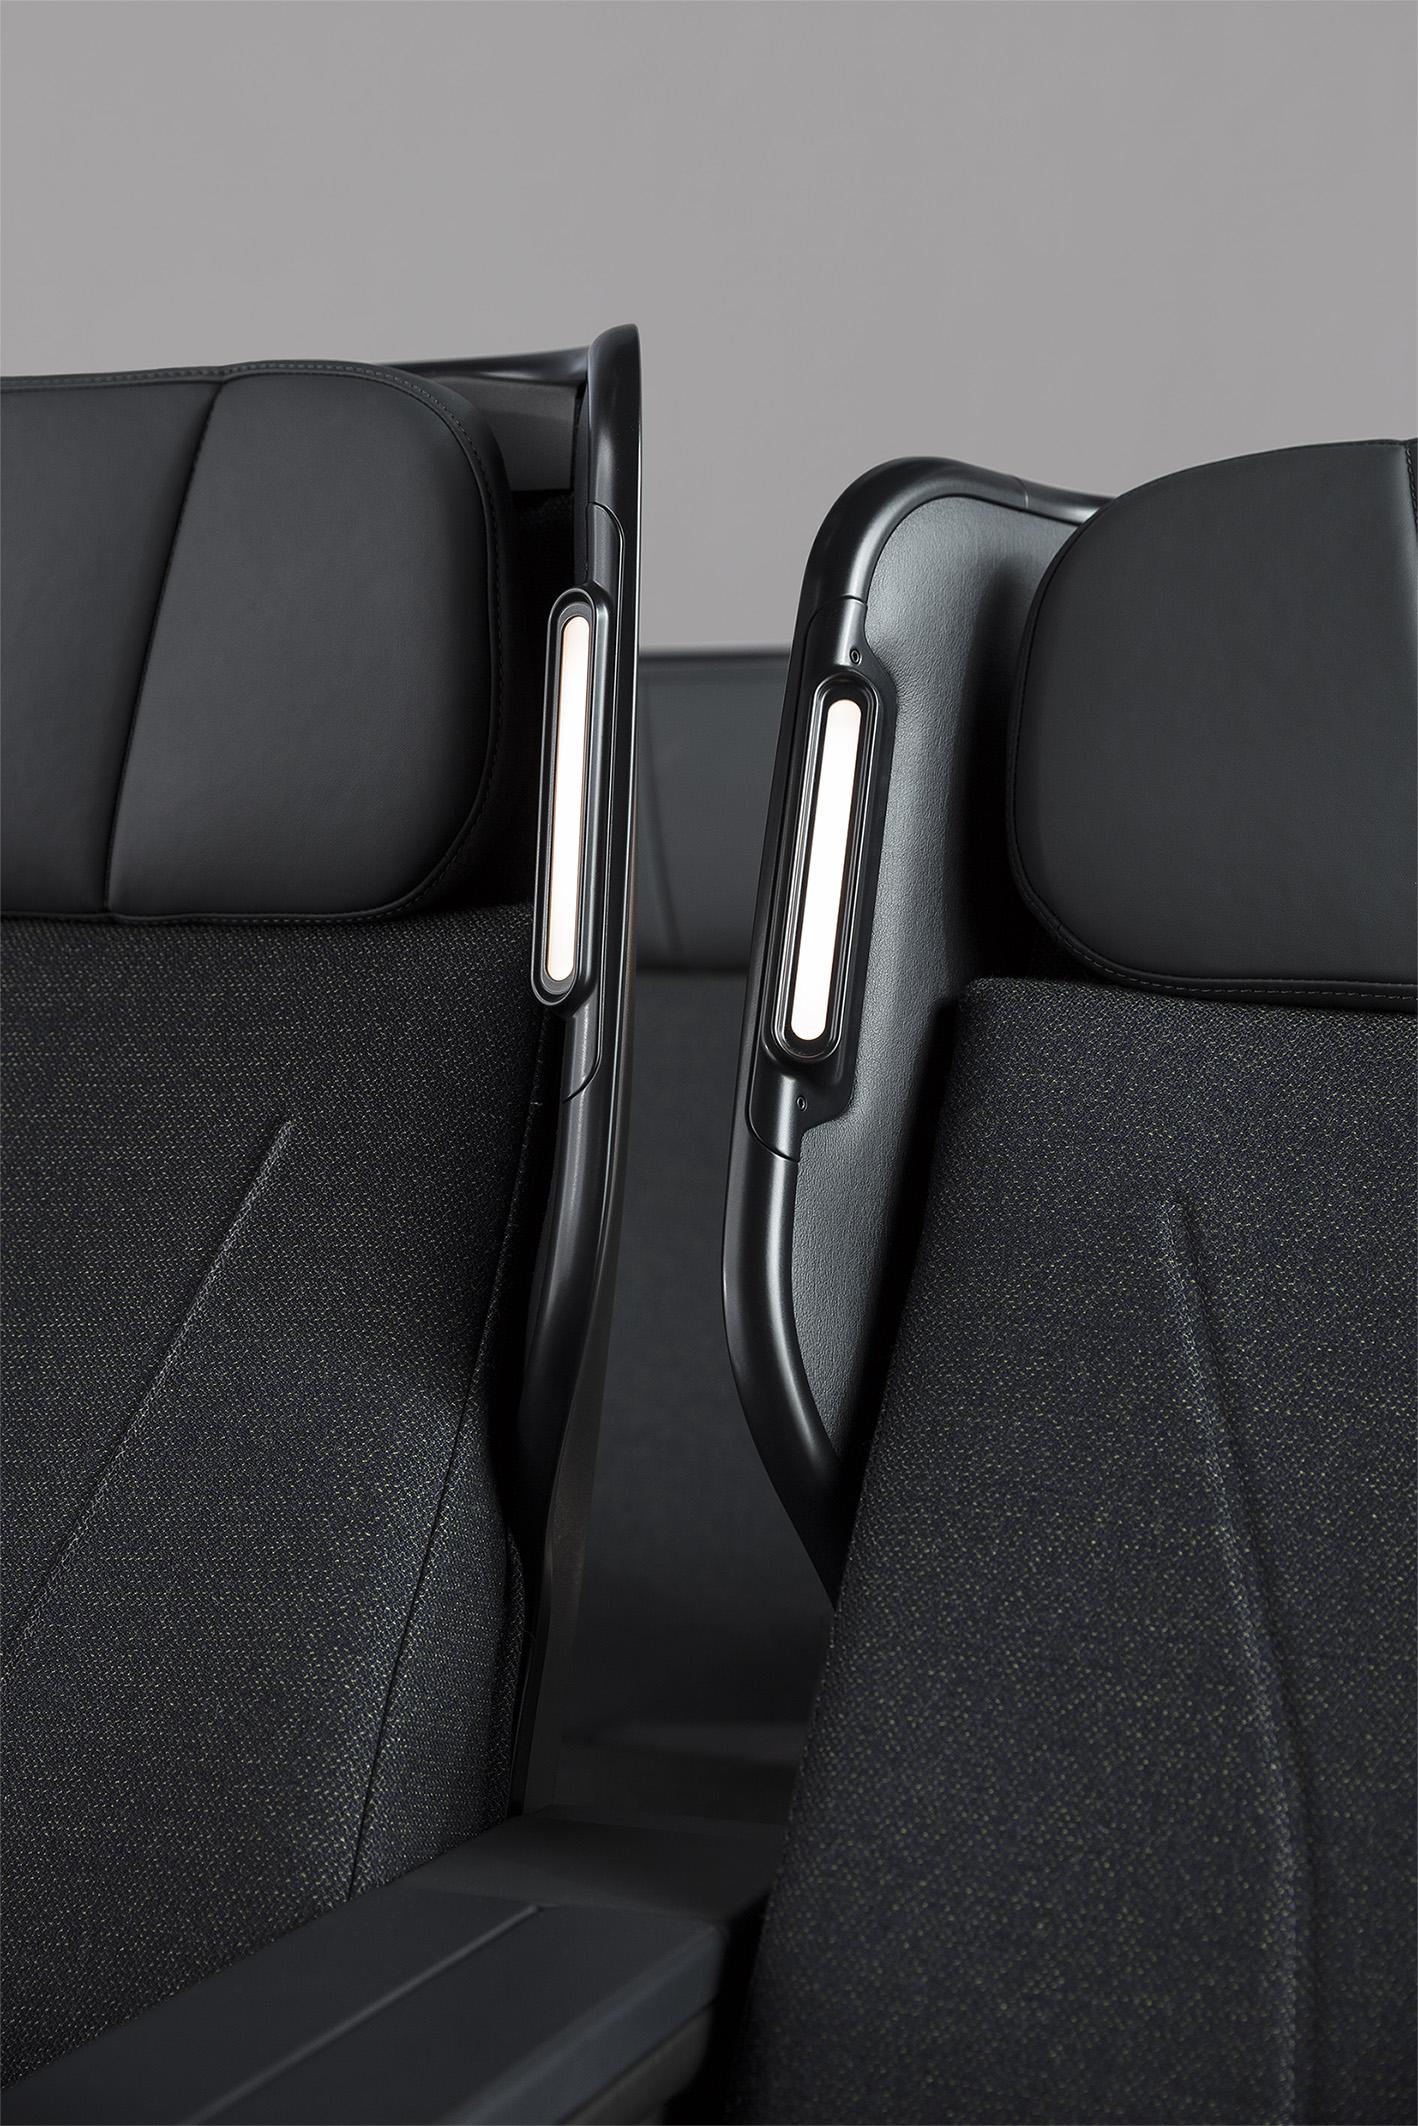 Caon_QF Seats_0A8A7699_RT_DE.jpg